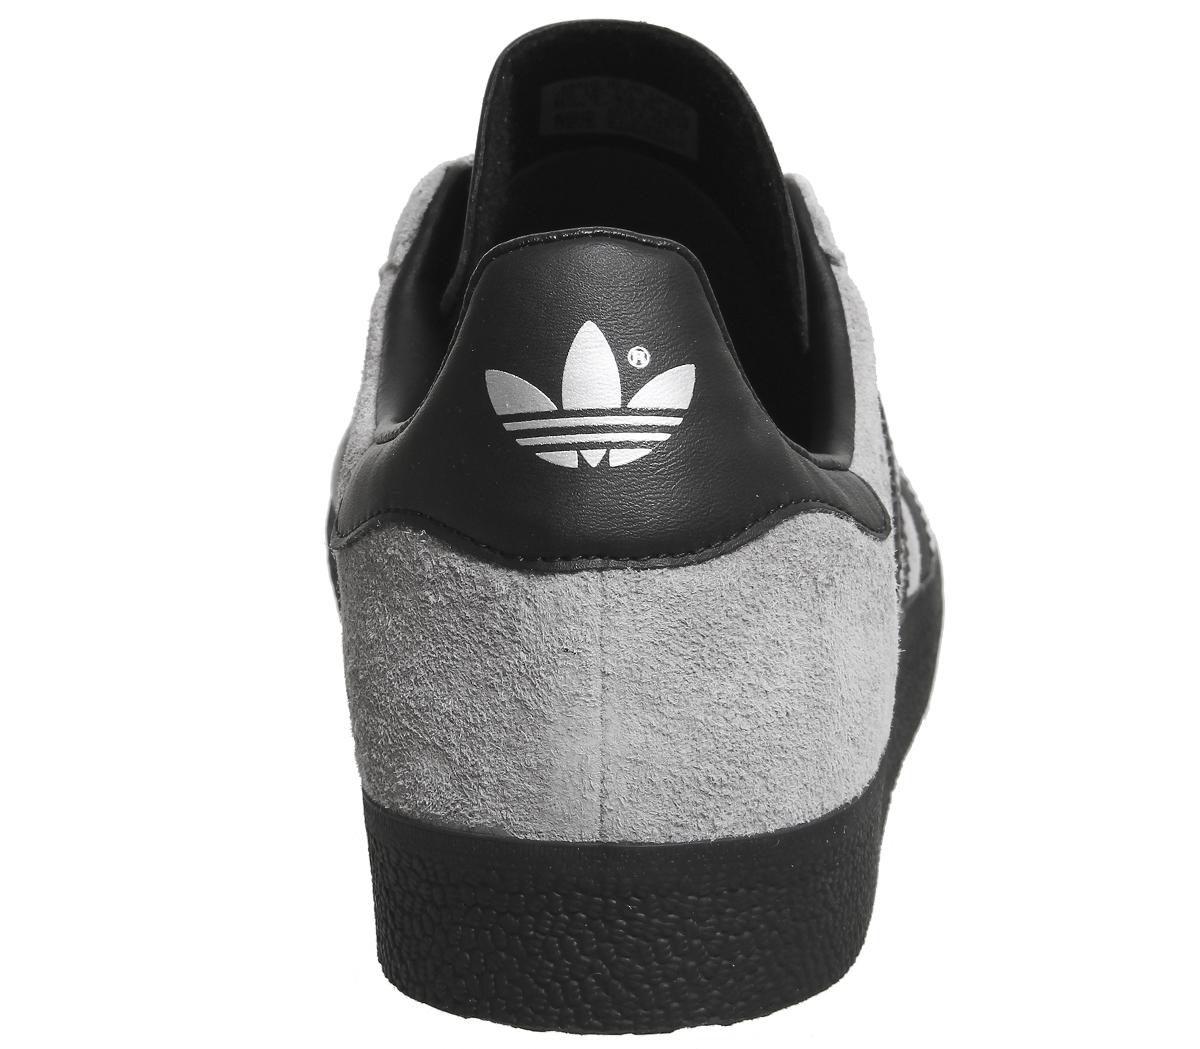 adidas gazelle grey black exclusive